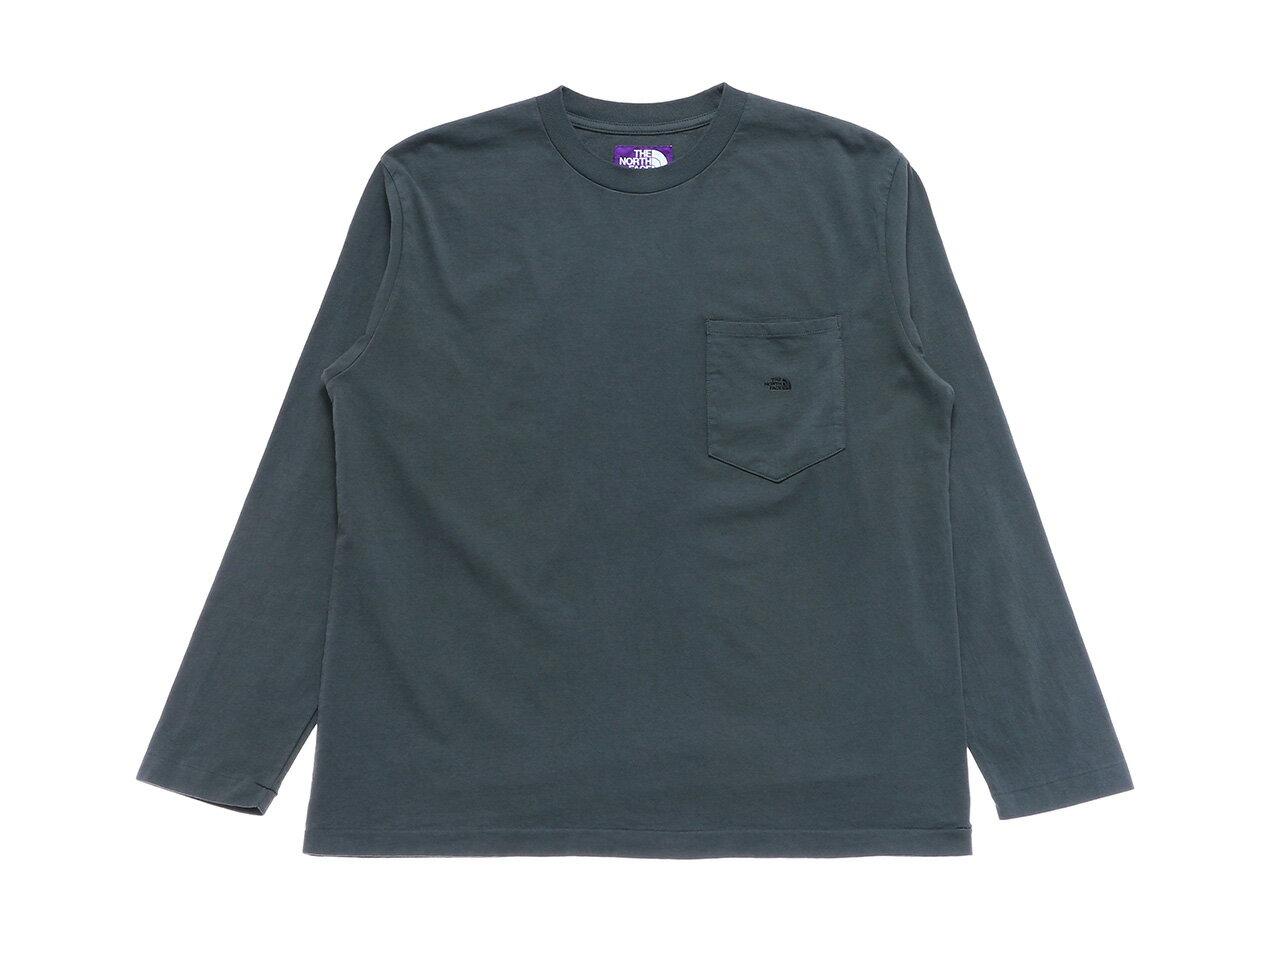 トップス, Tシャツ・カットソー THE NORTH FACE PURPLE LABEL 7oz LS Pocket Tee(NT3058N)TT